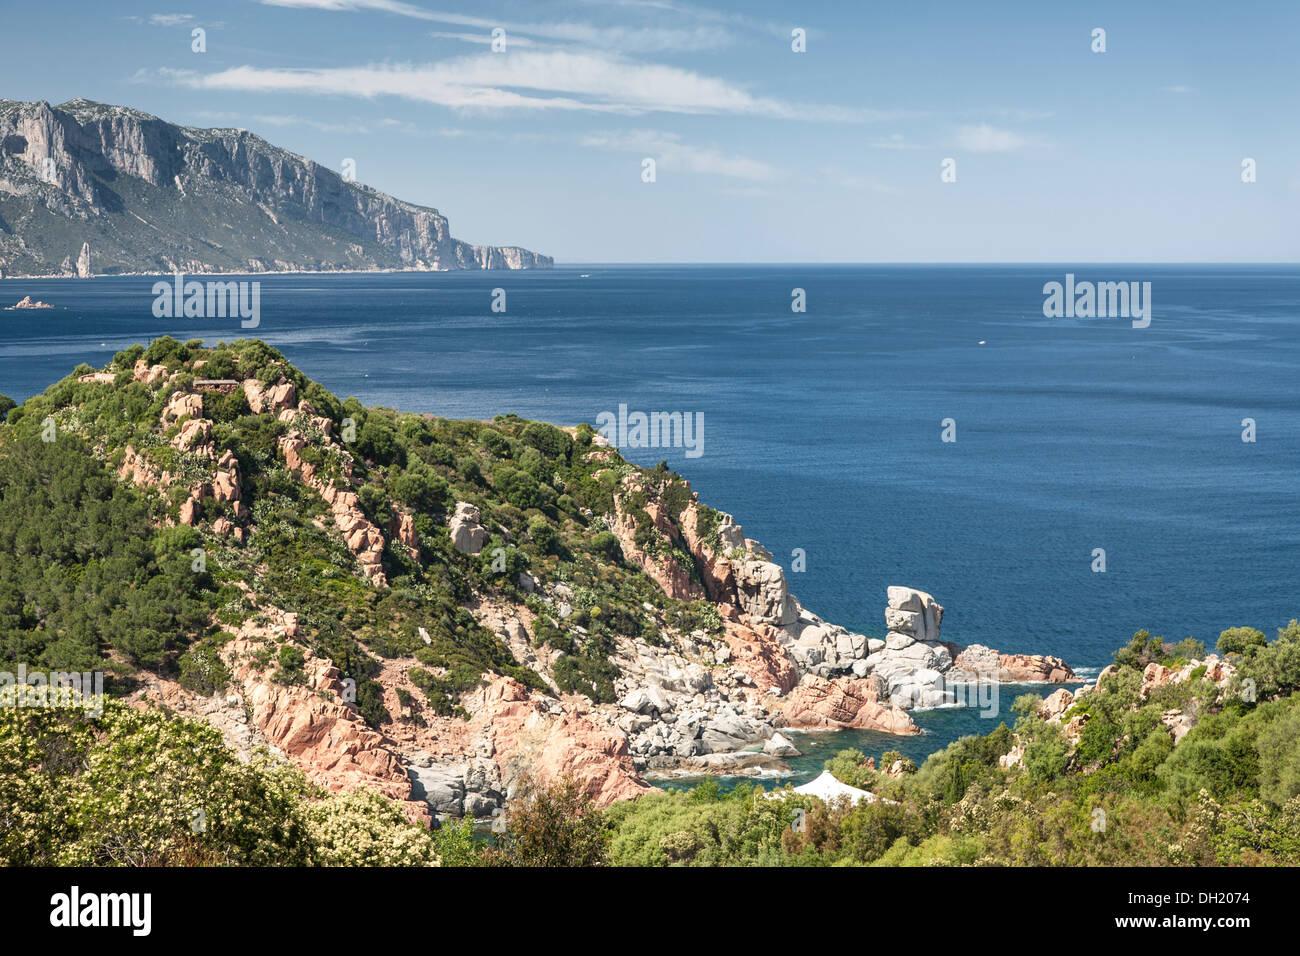 Sardinian Coast - Stock Image